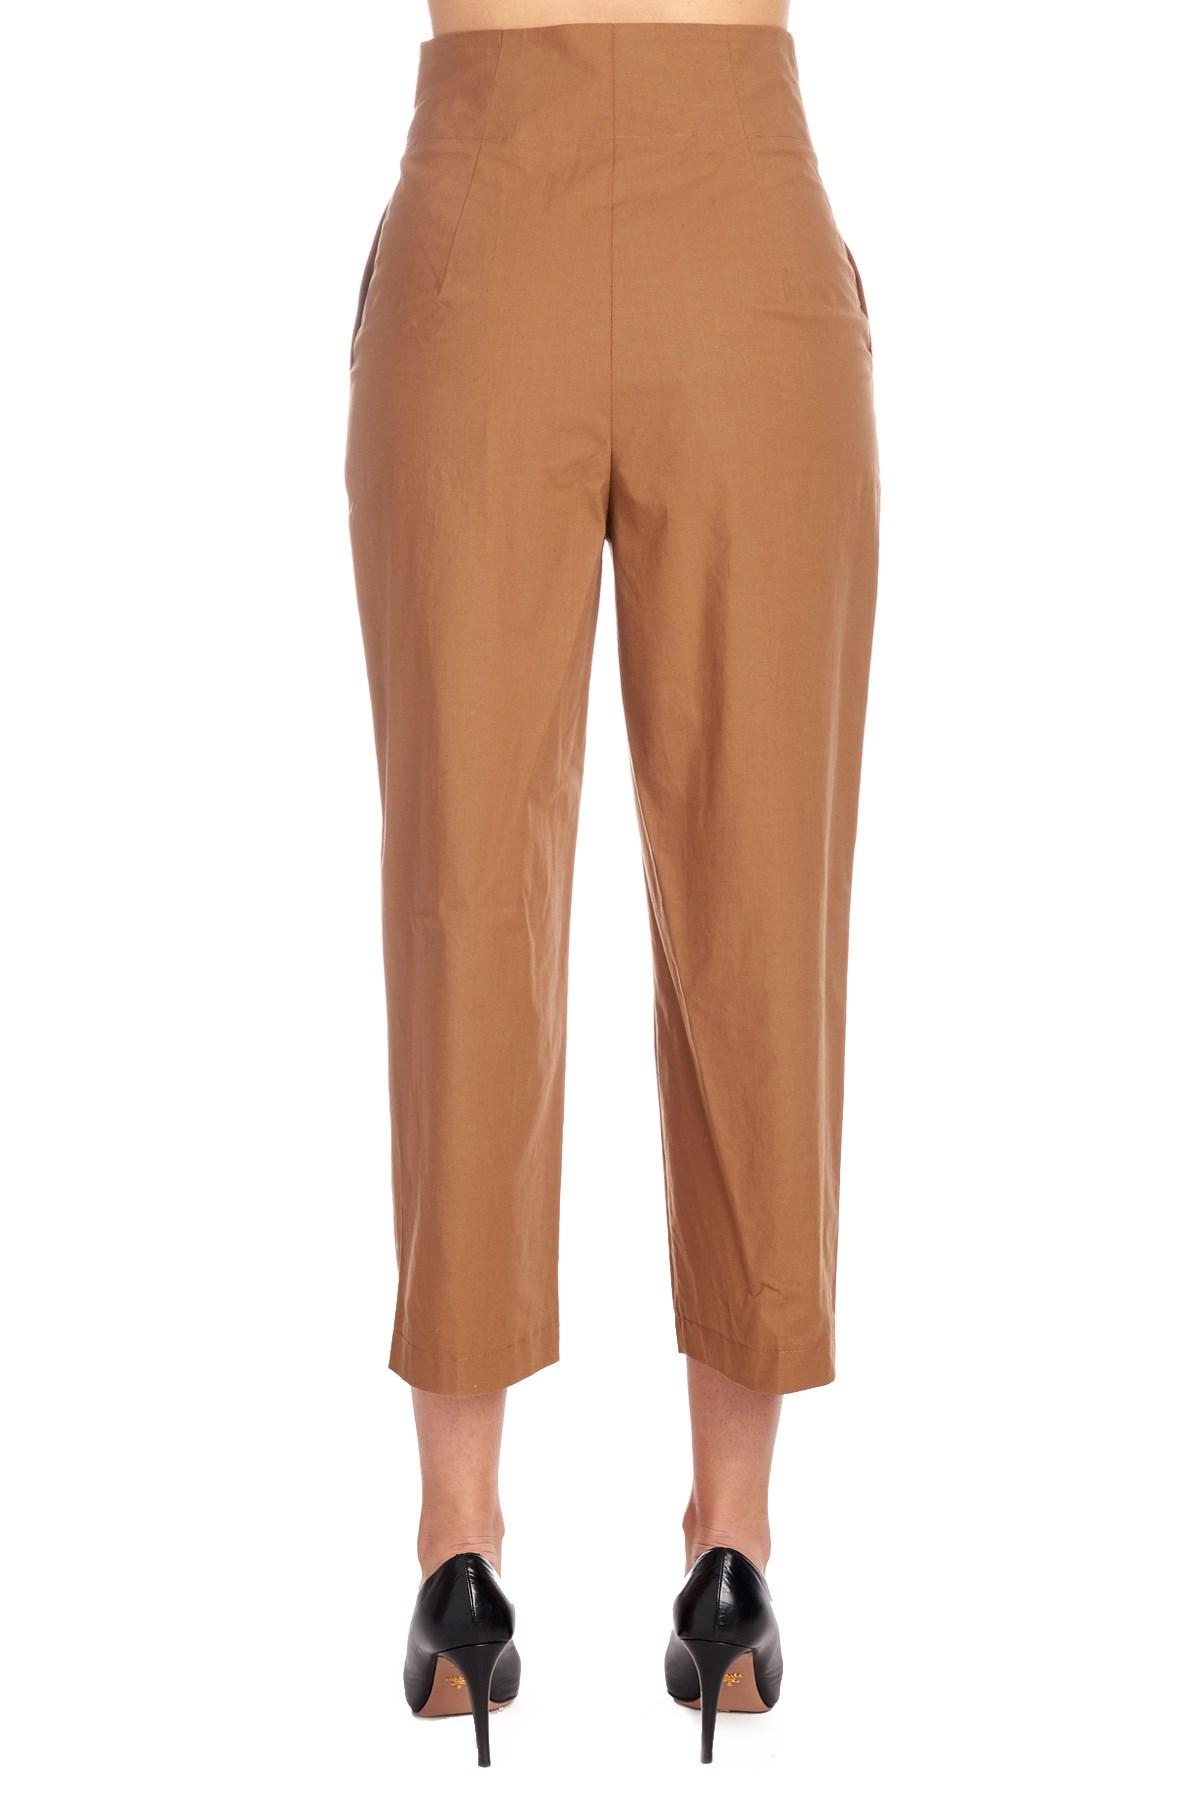 liu jo Pantalone classico available on julian-fashion.com - 68640 87ad9954043